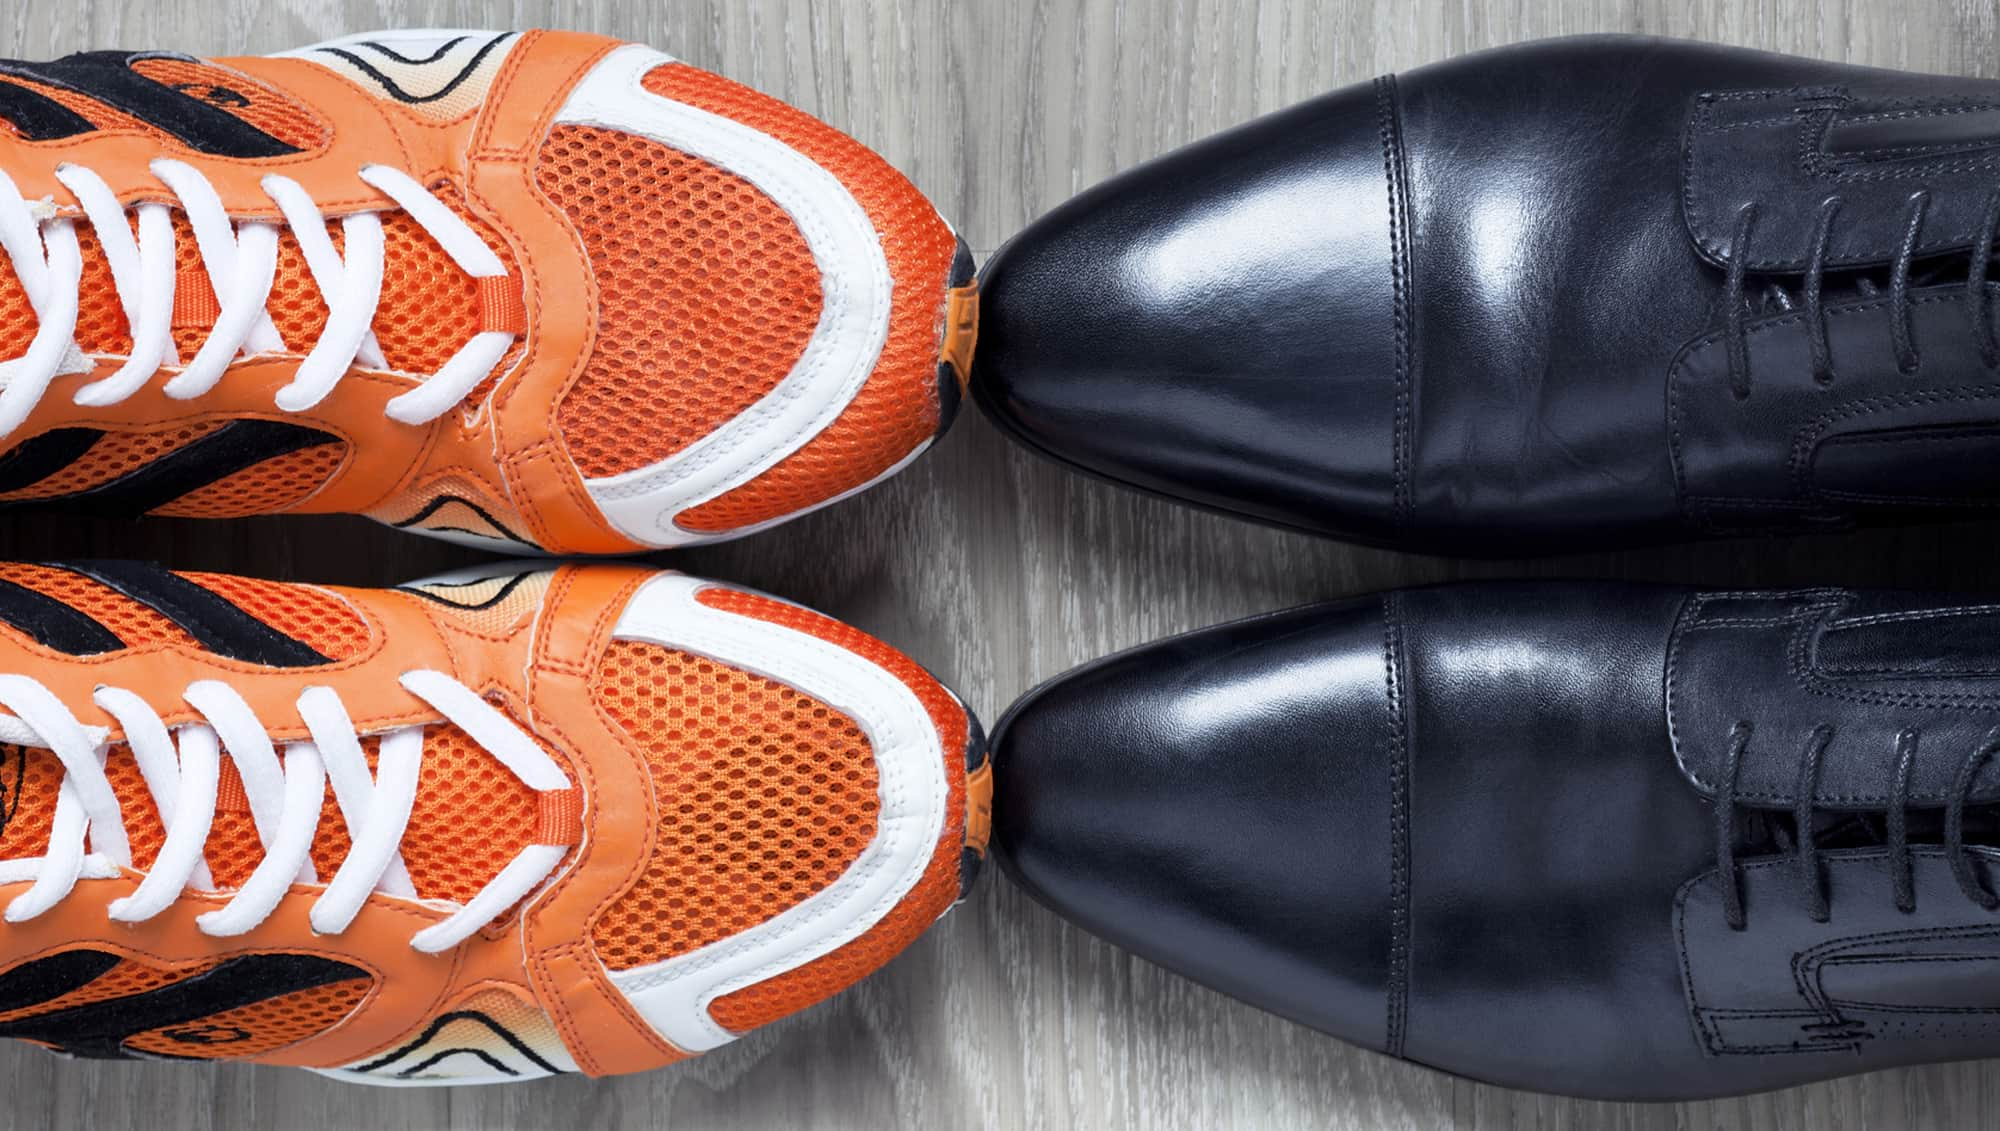 ac74432c1457 La ropa deportiva se abre paso en el negocio de la moda | IE Insights